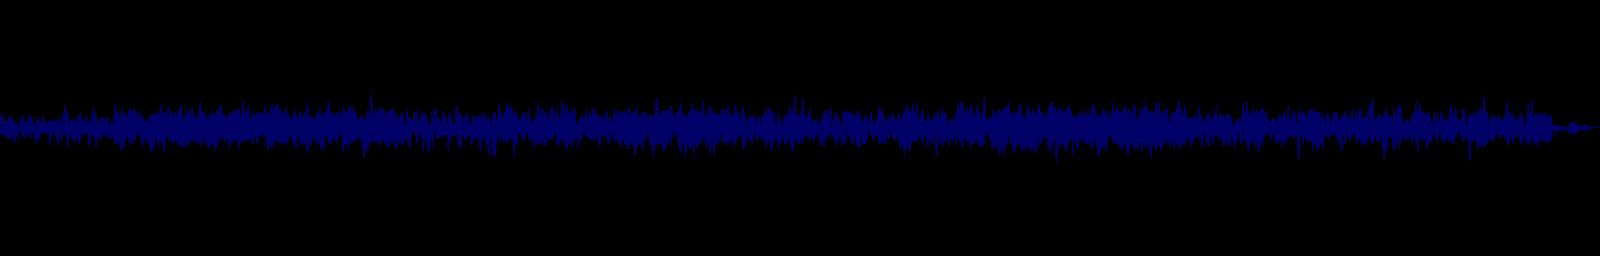 waveform of track #126657